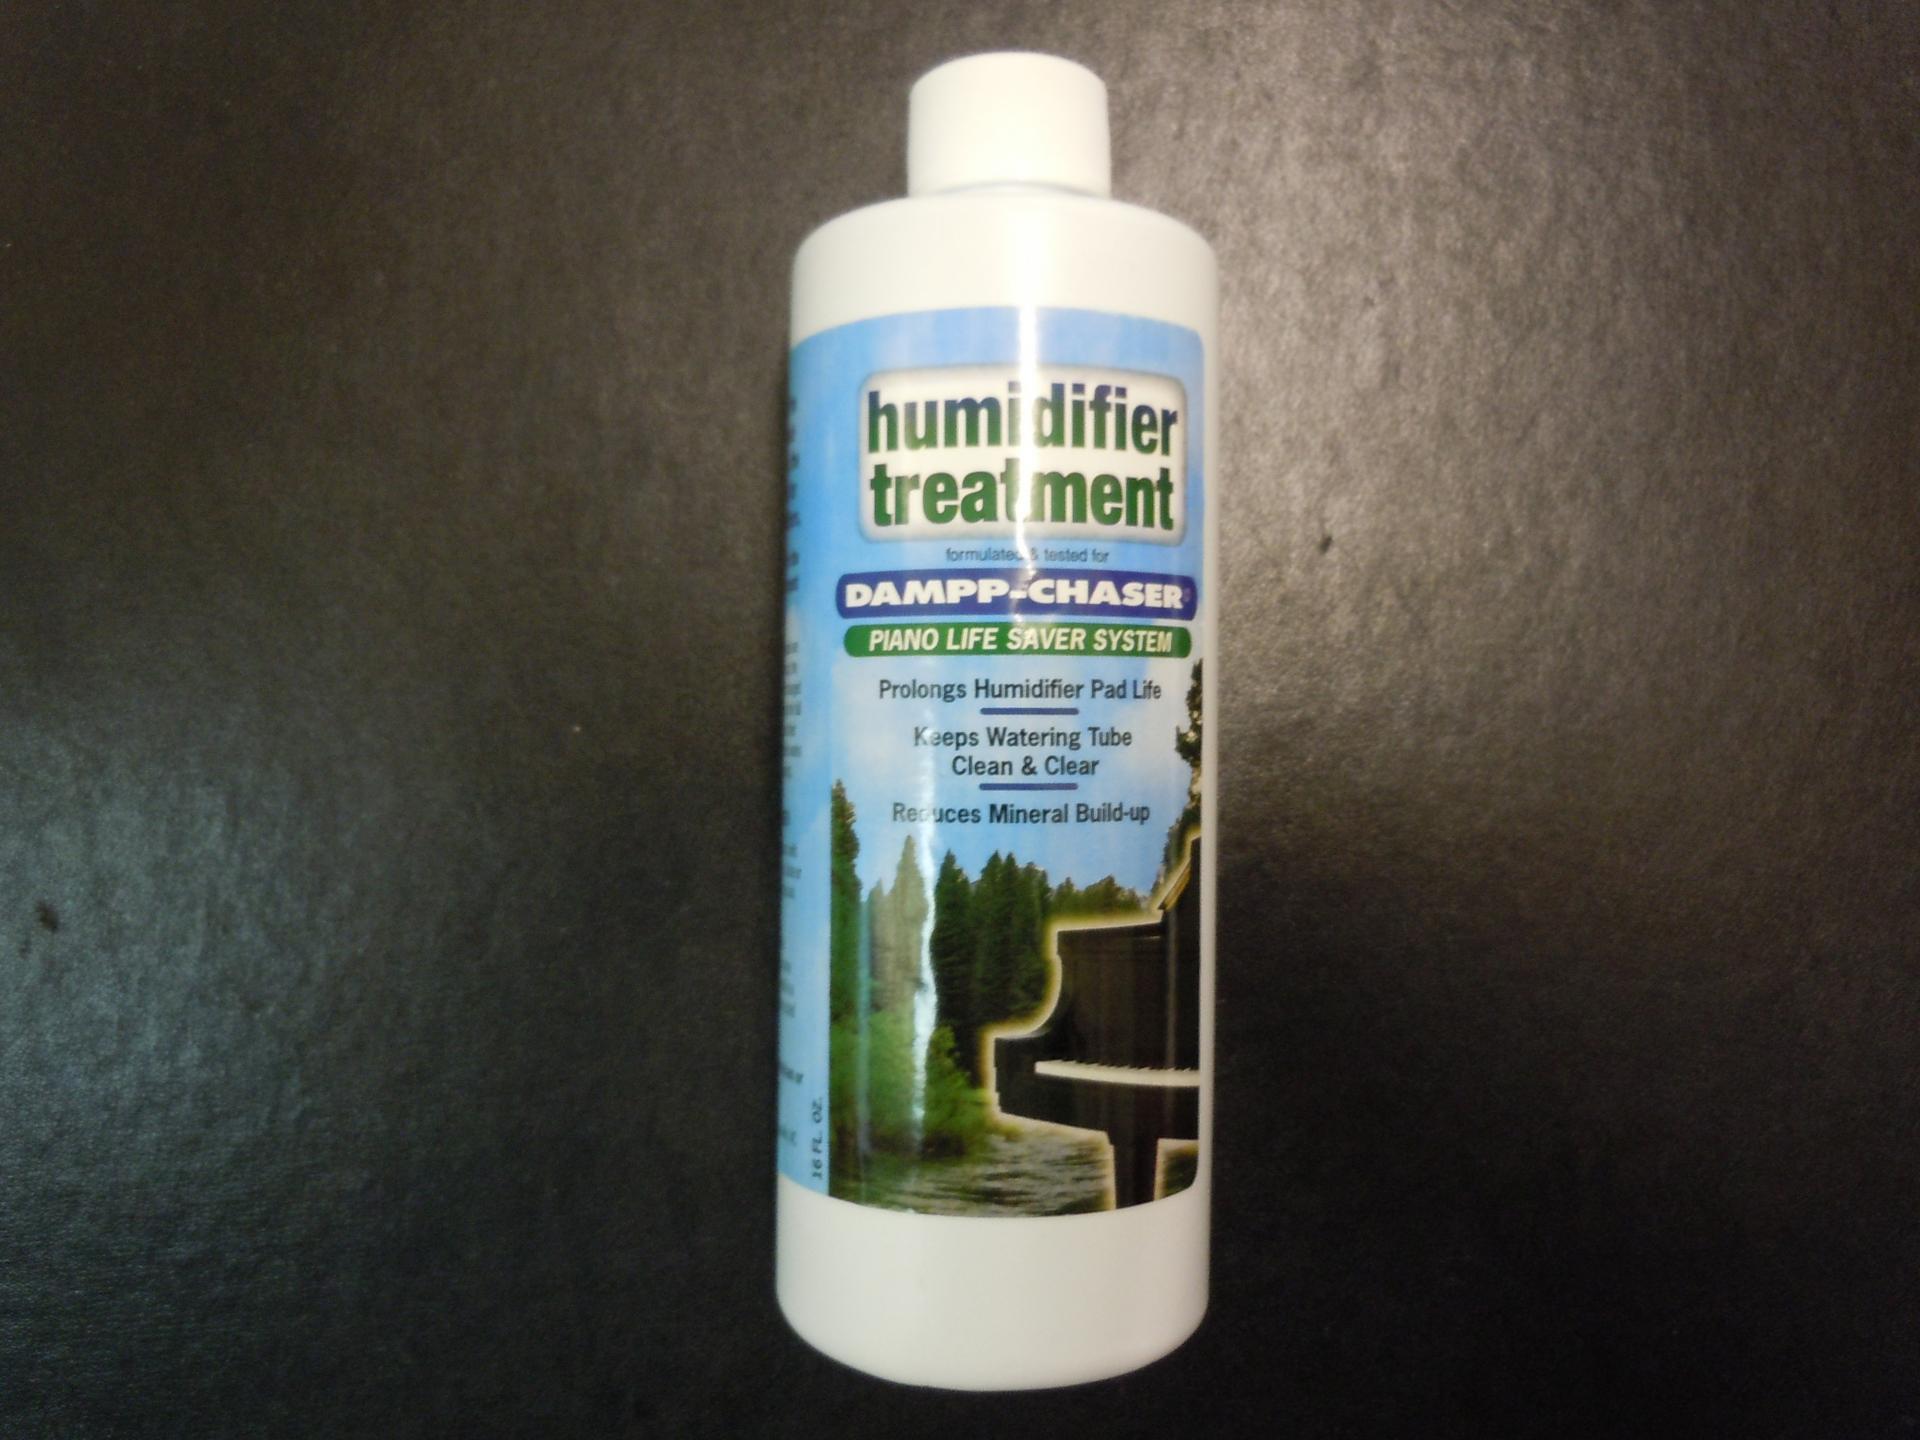 Dampp chaser traitement